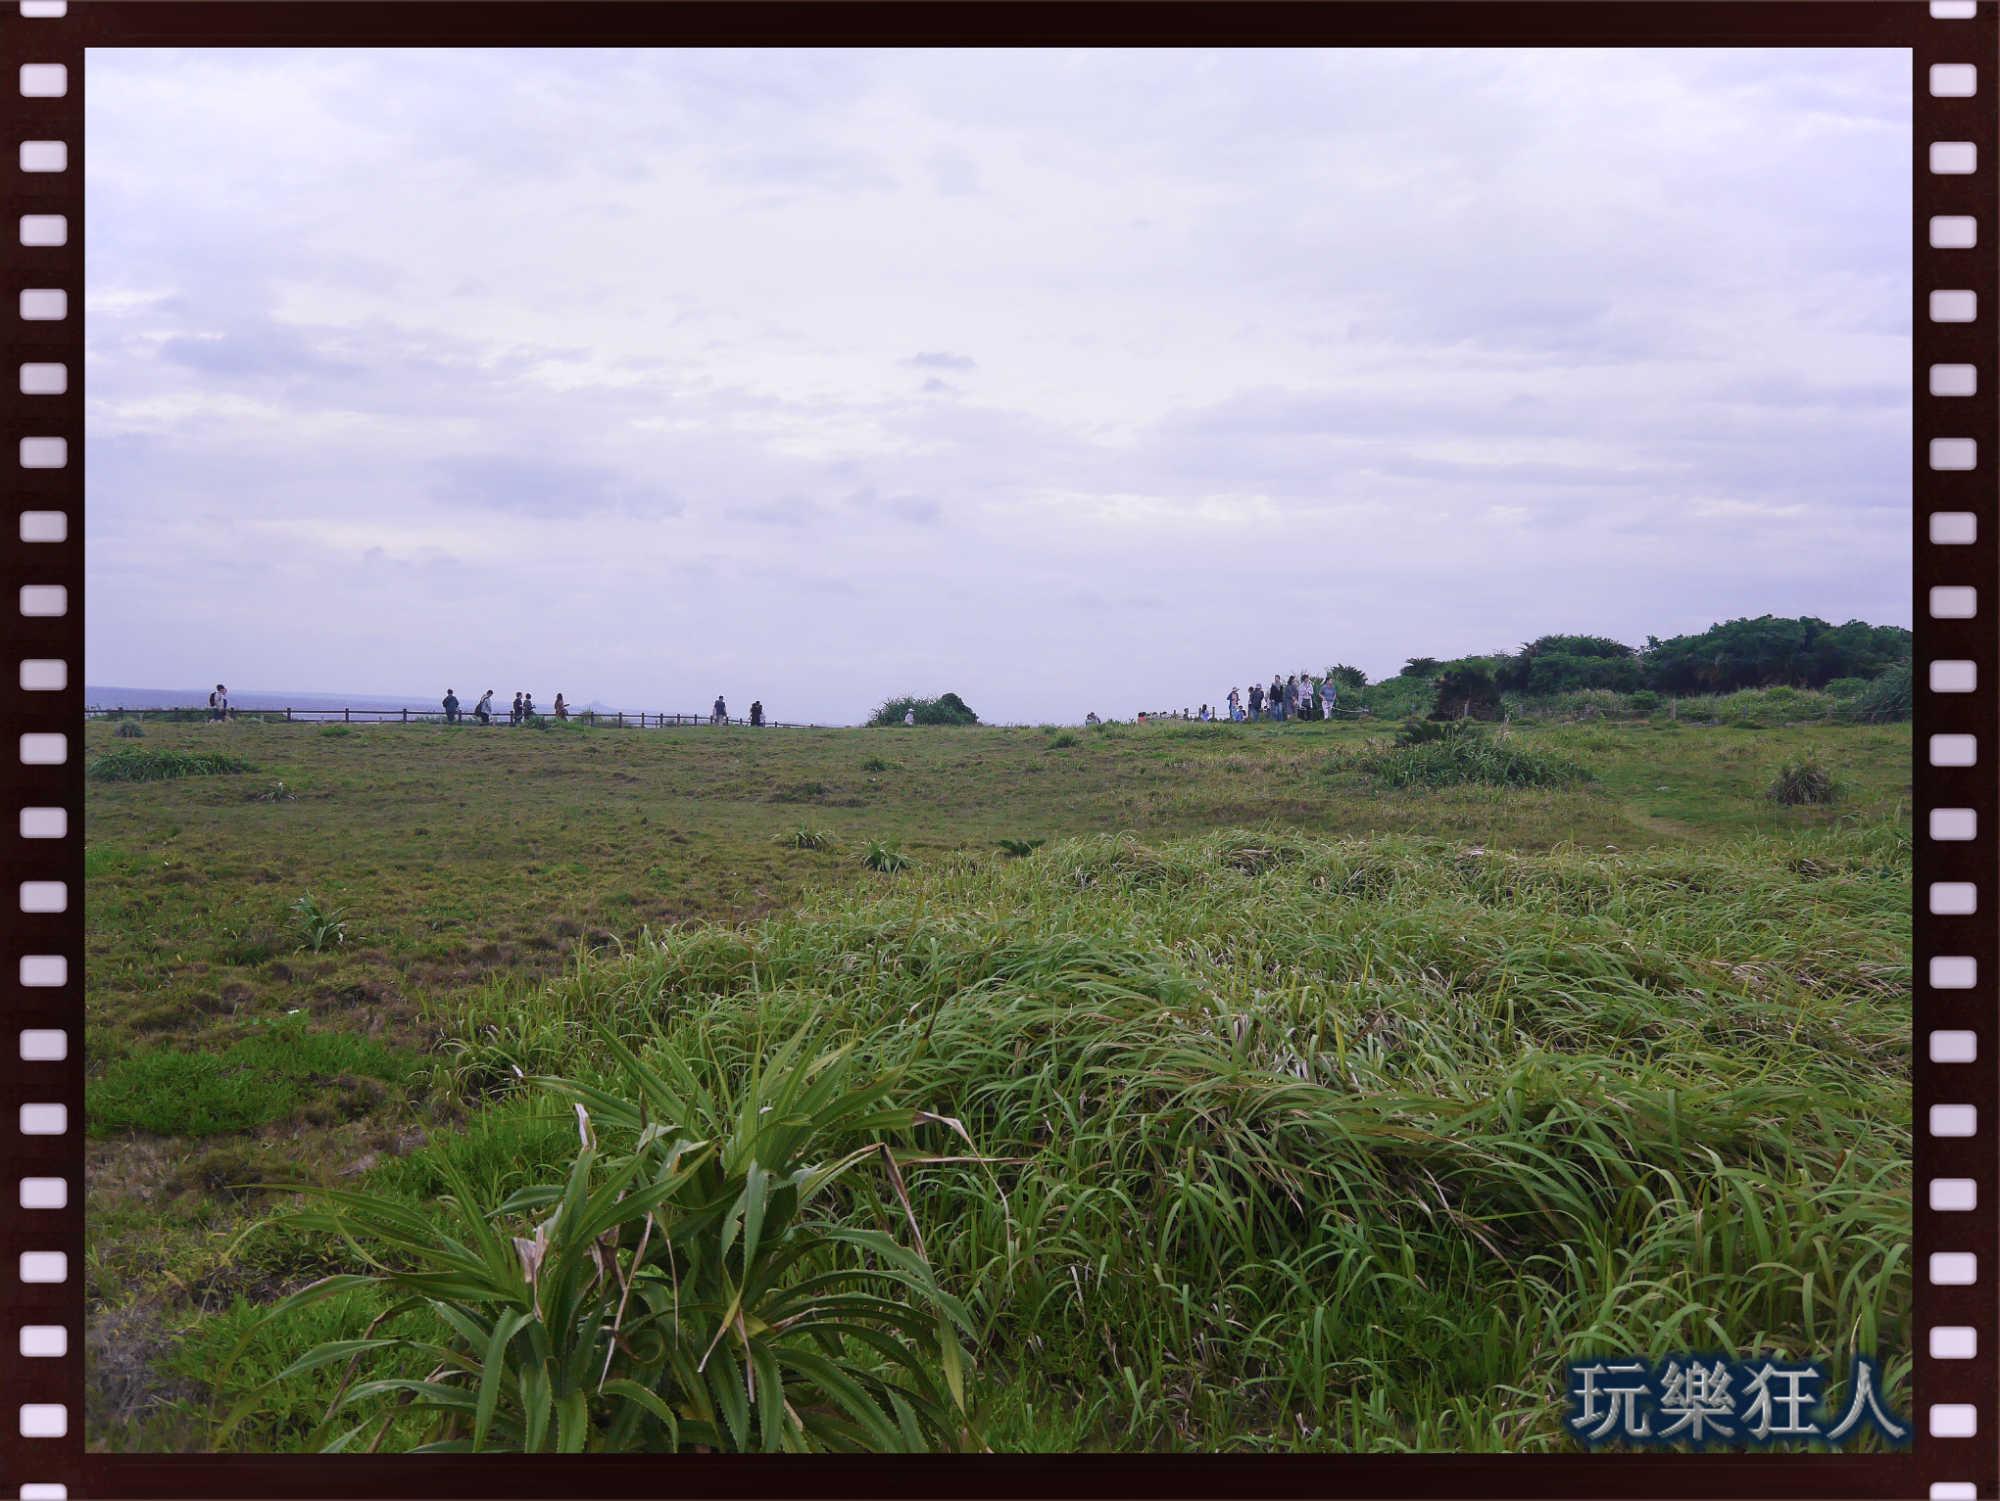 『萬座毛』大草原